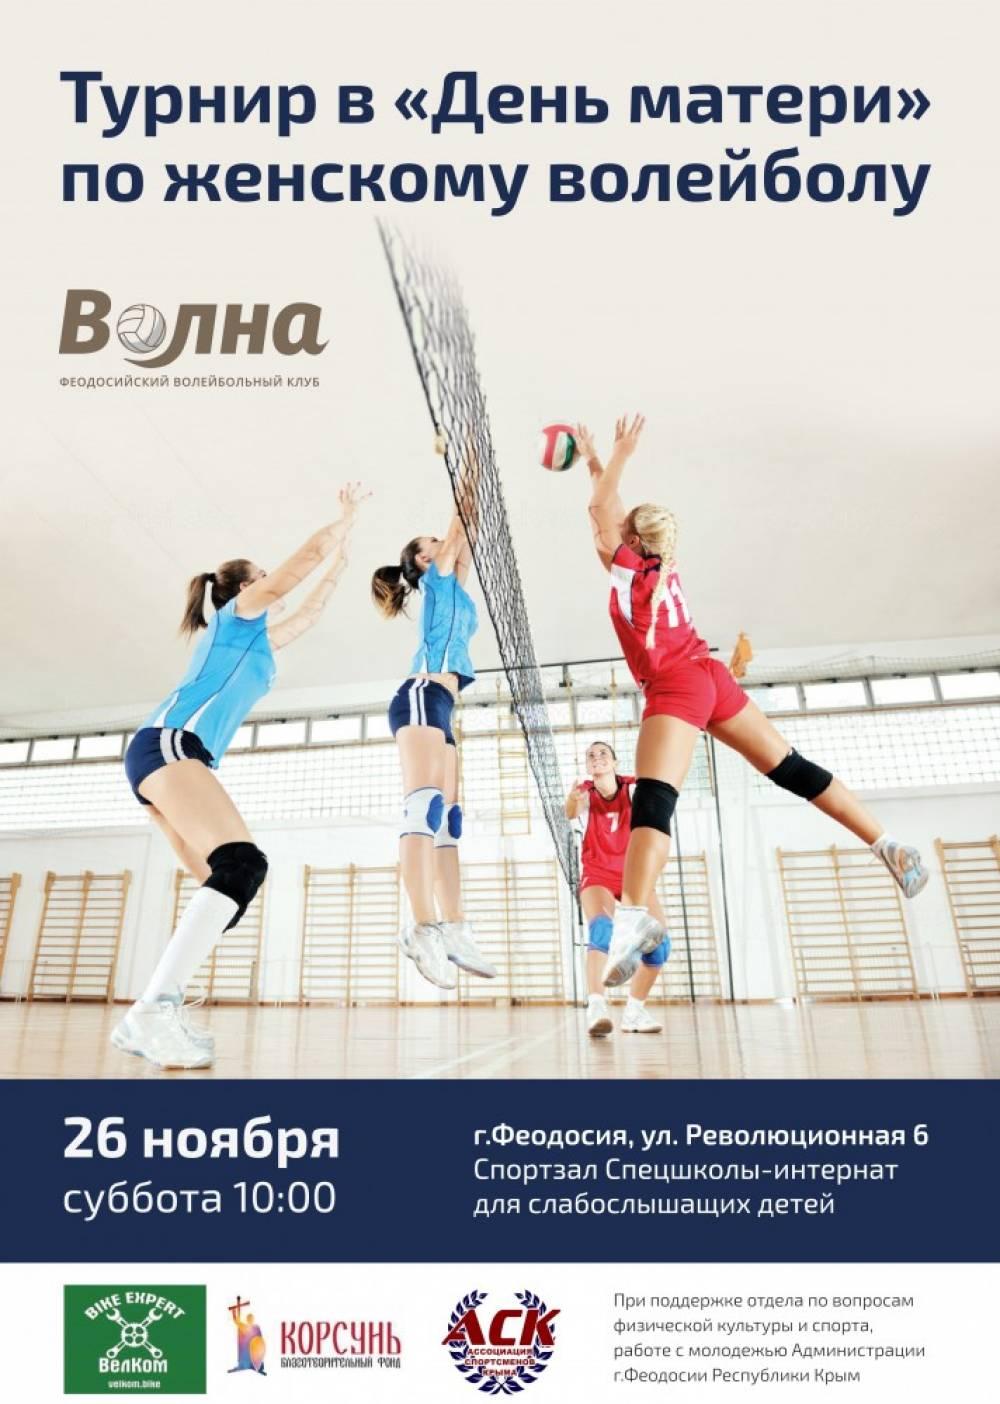 В Феодосии ко «Дню матери» пройдет турнир по женскому волейболу